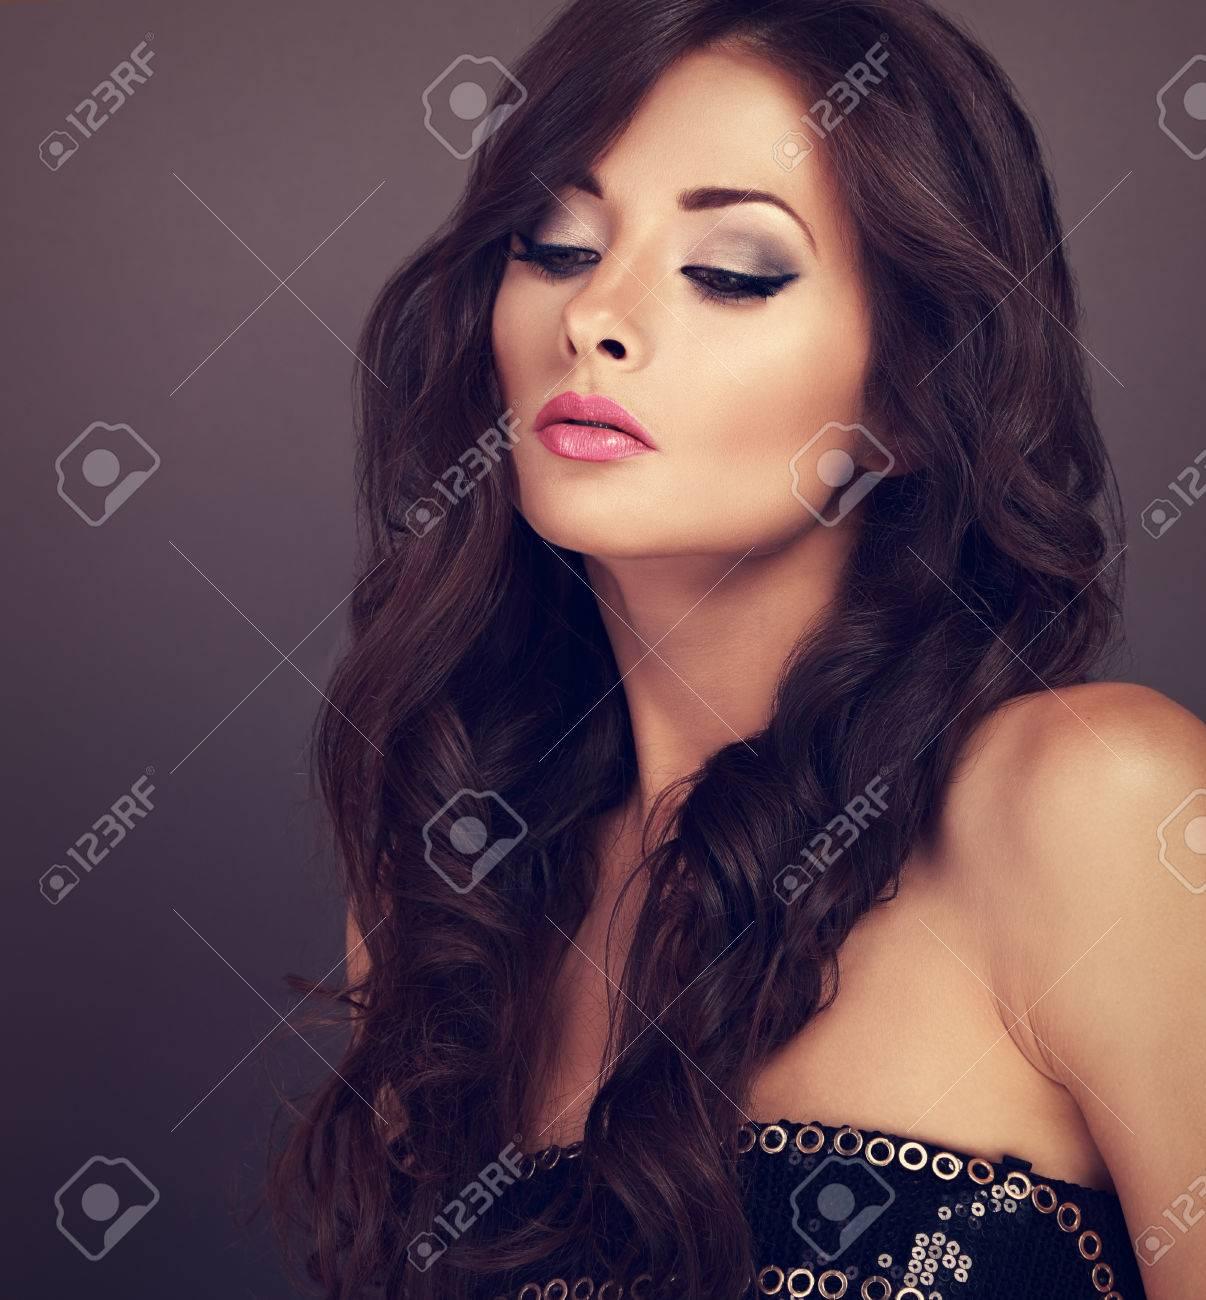 hermosa mujer elegante maquillaje modelo posando con corte de pelo largo y rizado volumen sobre fondo